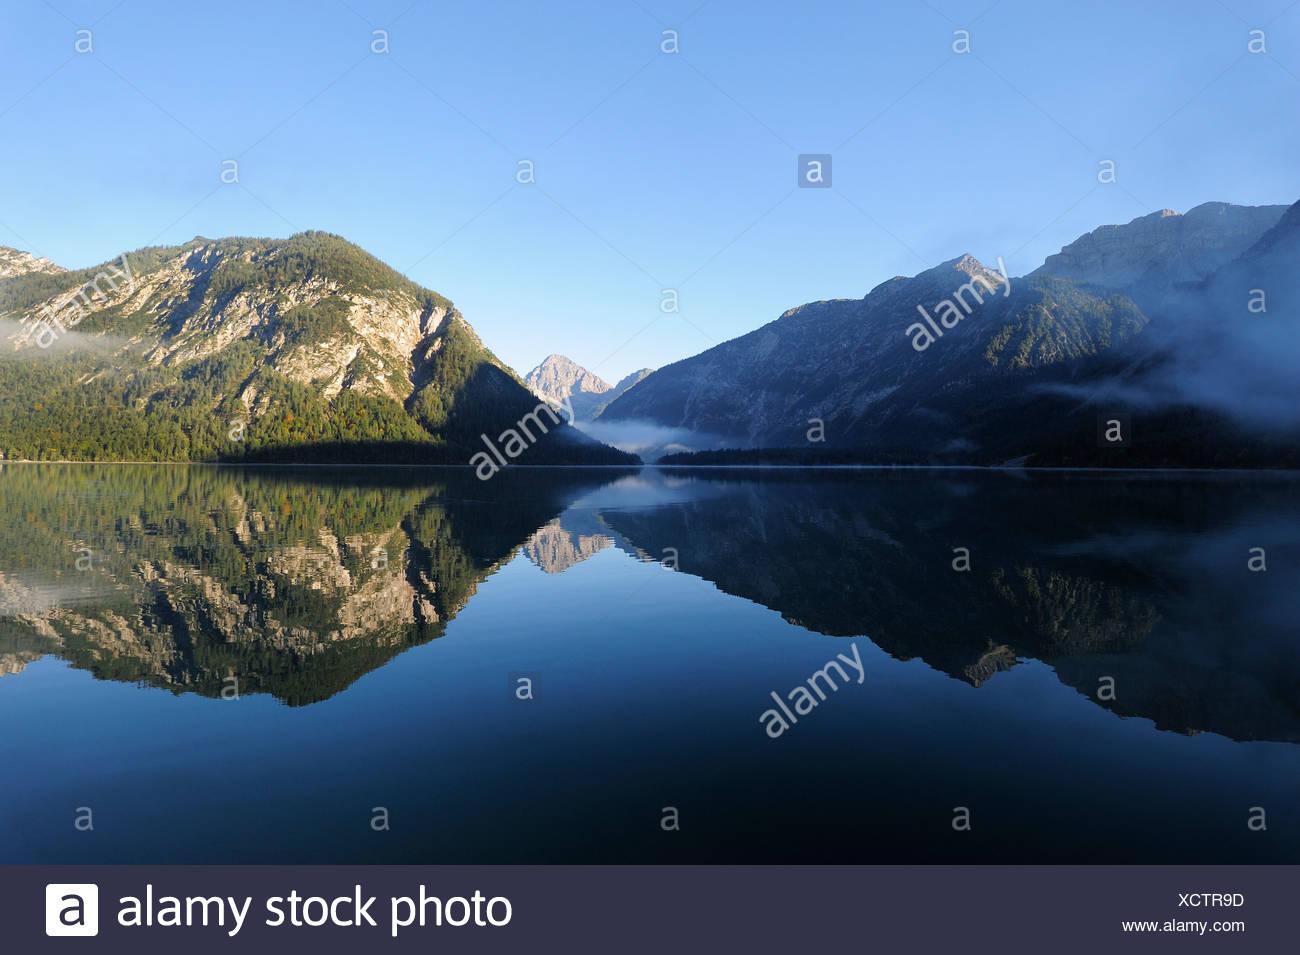 Plansee-See, Ammergauer Alpen, Ammergebirge Berge, mit Blick auf Berg Thaneller in den Lechtaler Alpen, Tirol, Österreich Stockbild